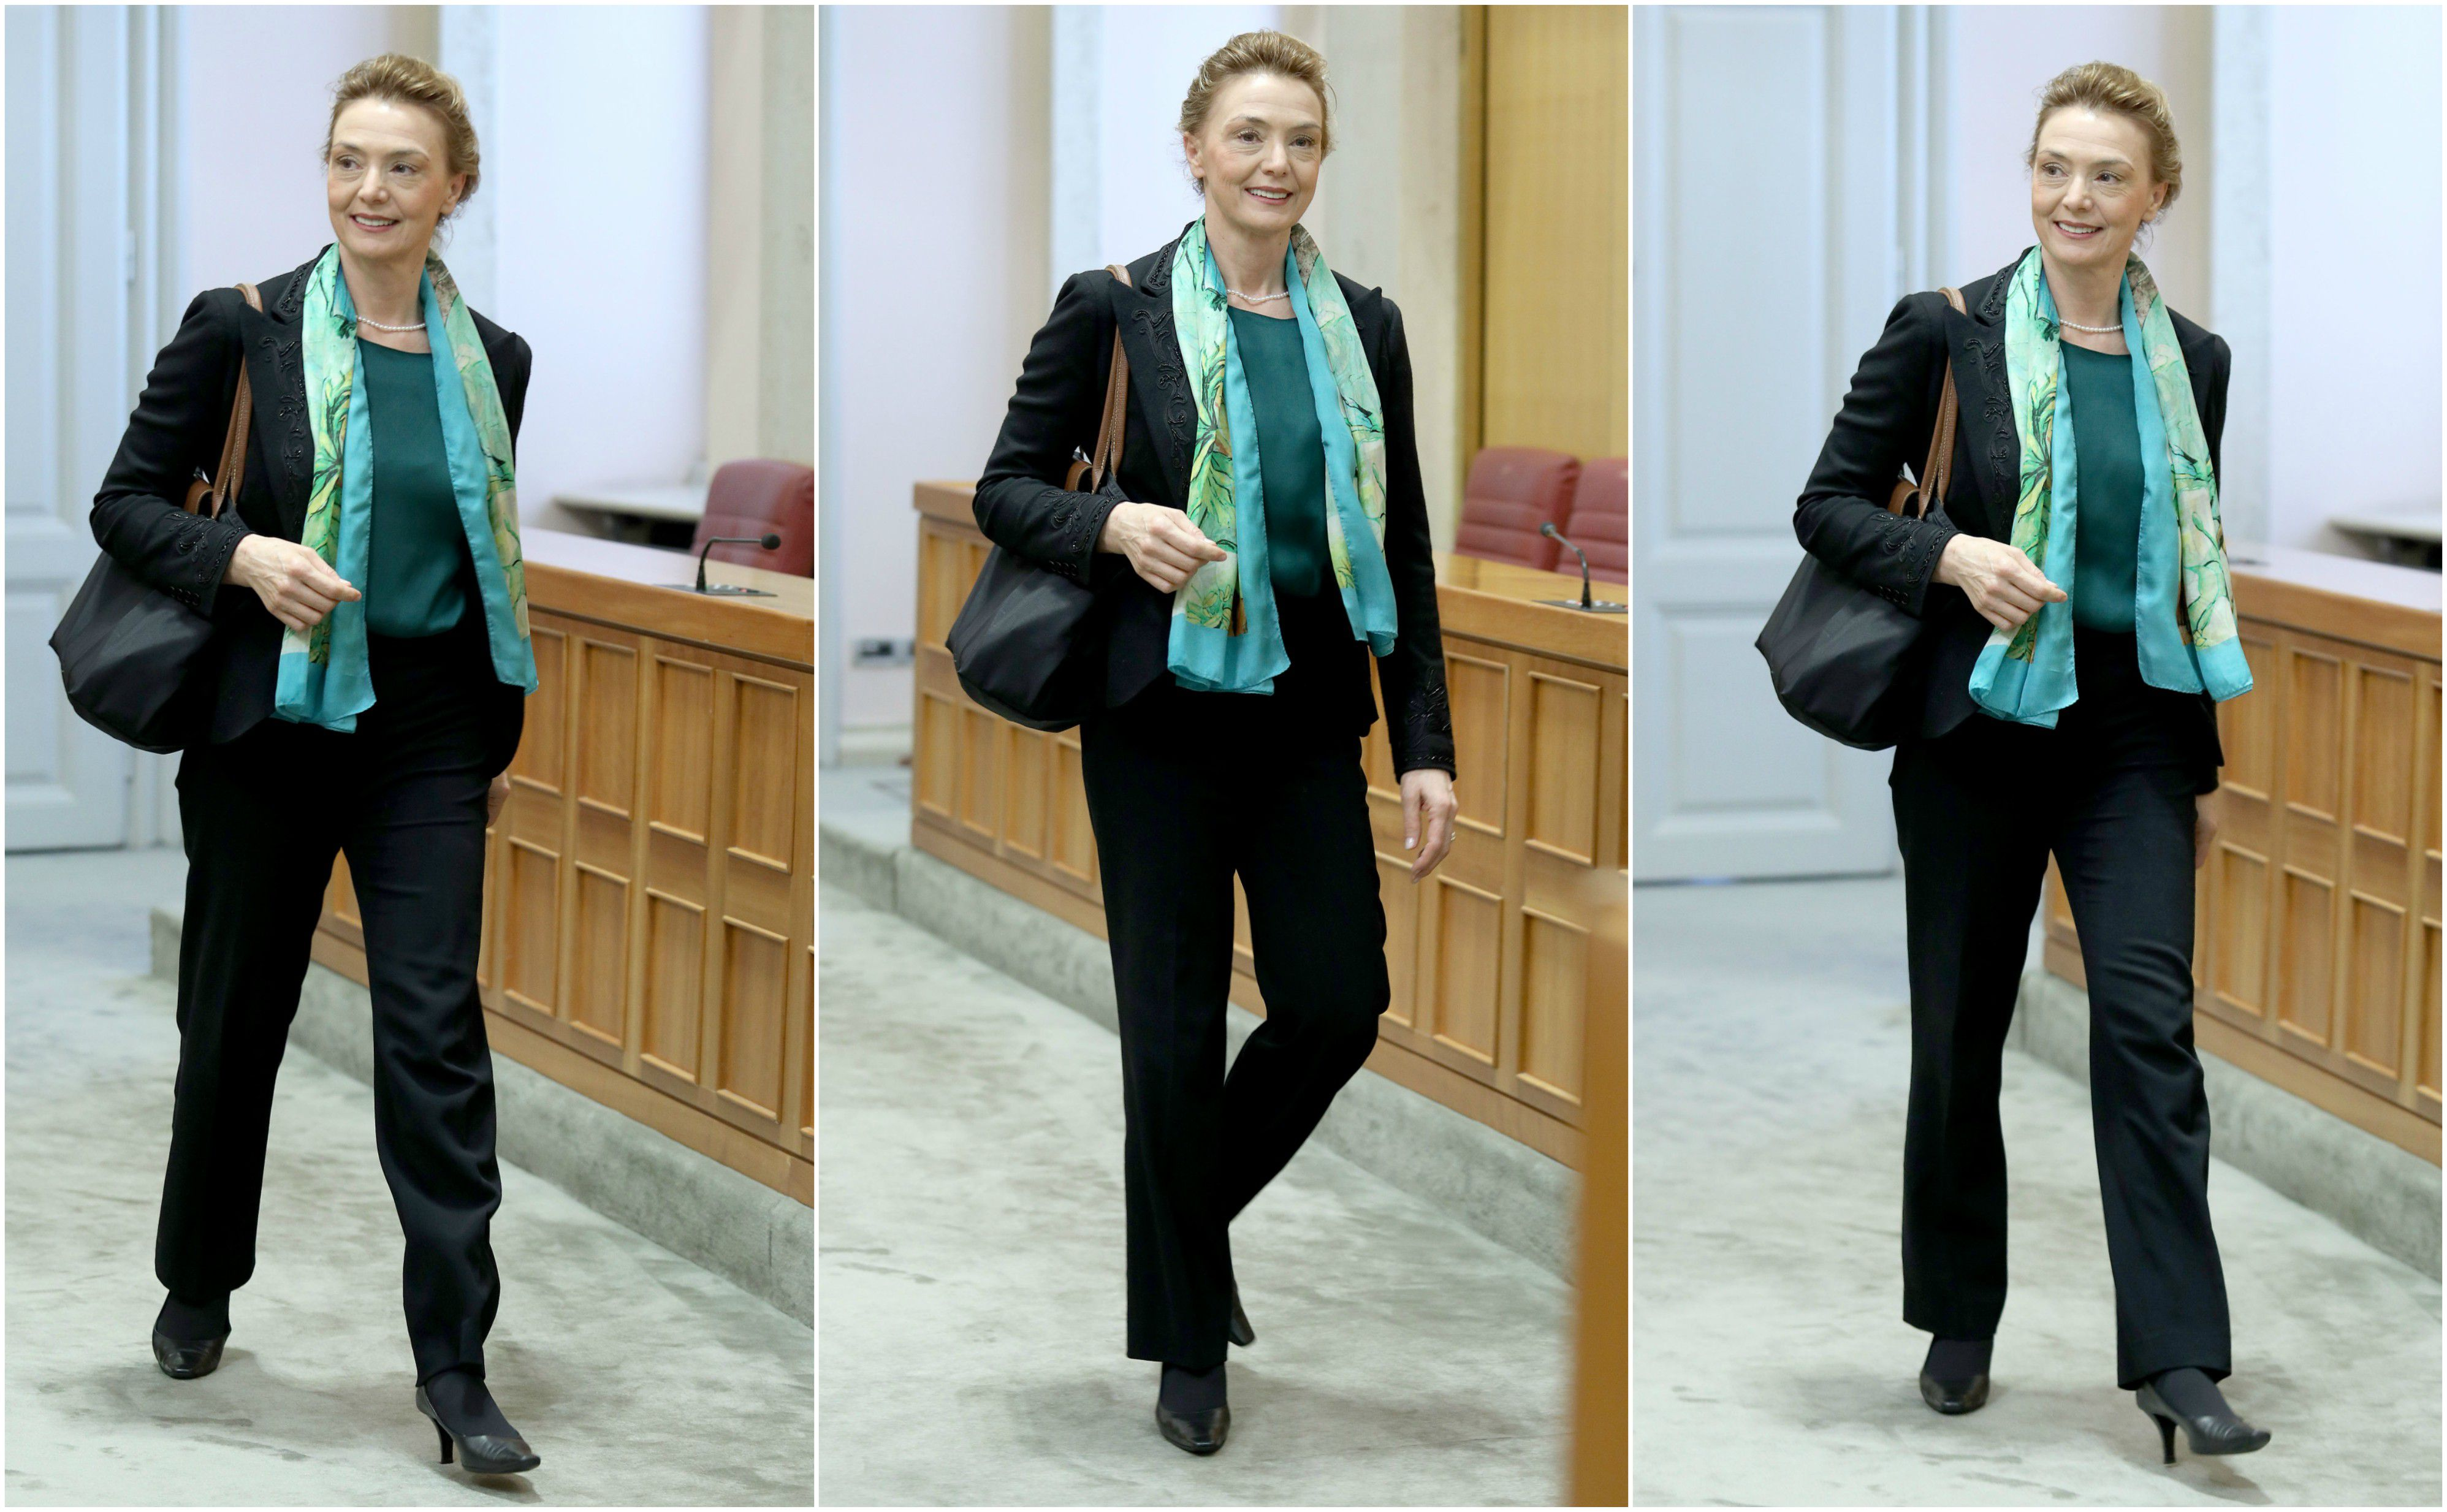 Tko kaže da je crno odijelo dosadno? Marija Pejčinović Buri dokazala je suprotno